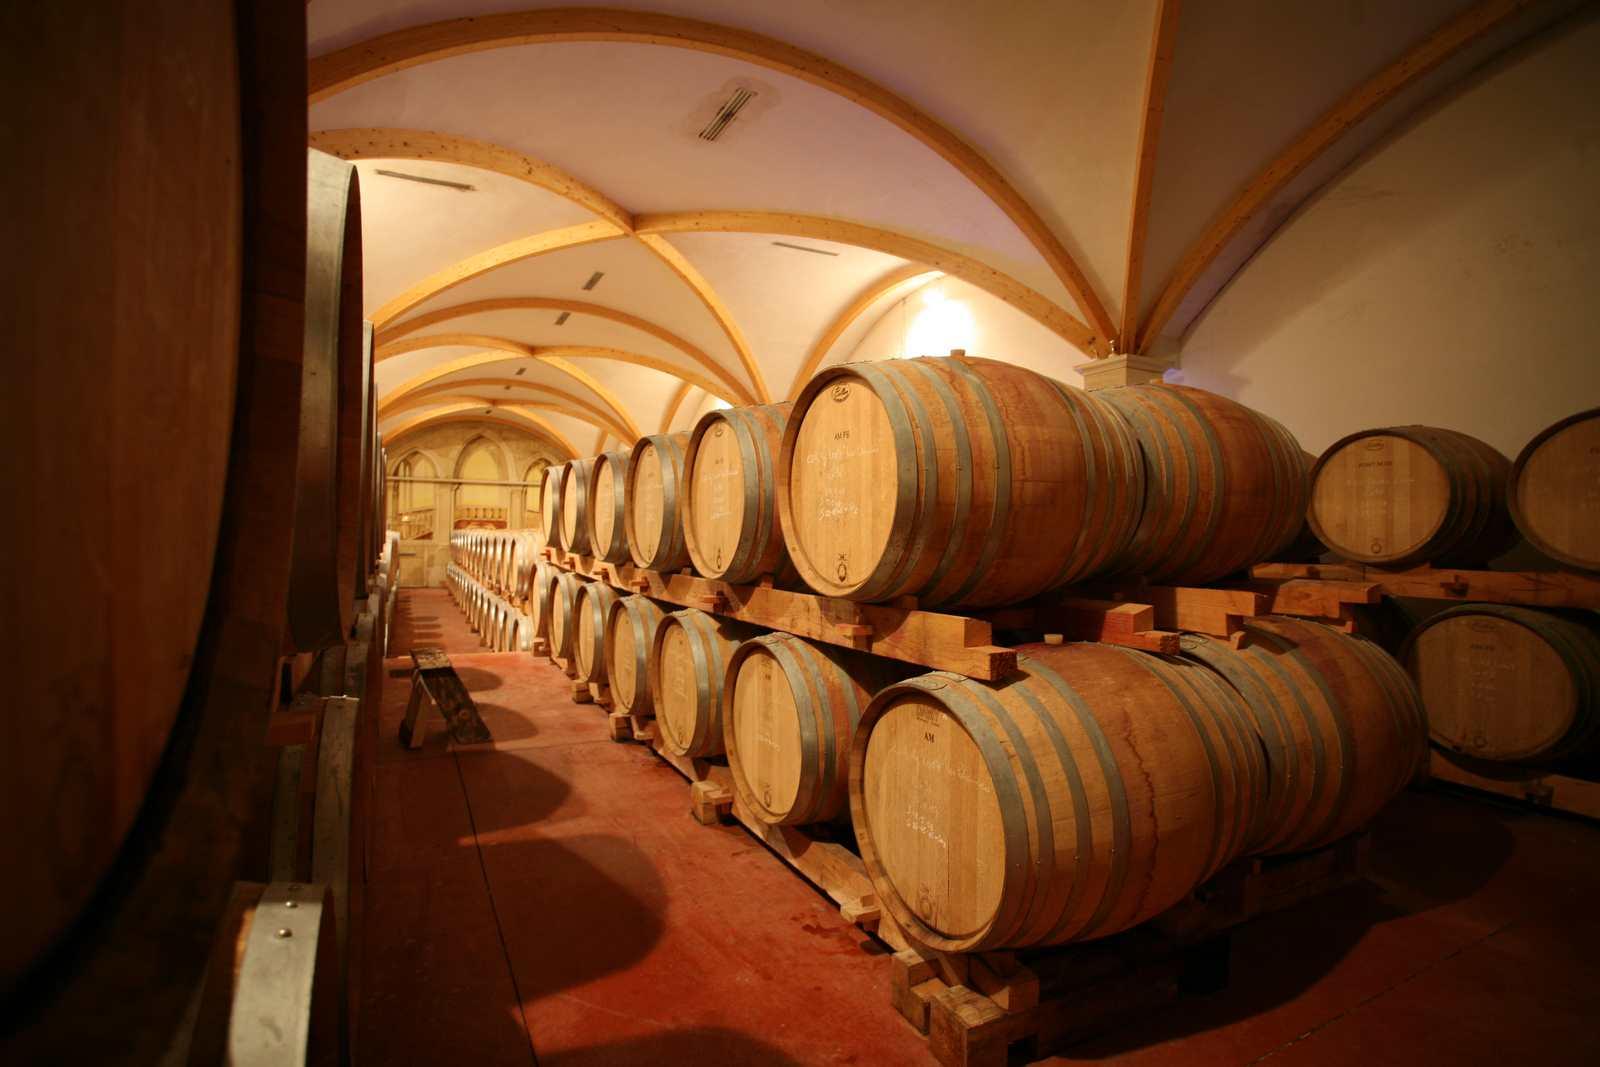 Appellation vin : Ce que vous avez toujours eu envie de savoir sur les vins et leurs fameuses appellations